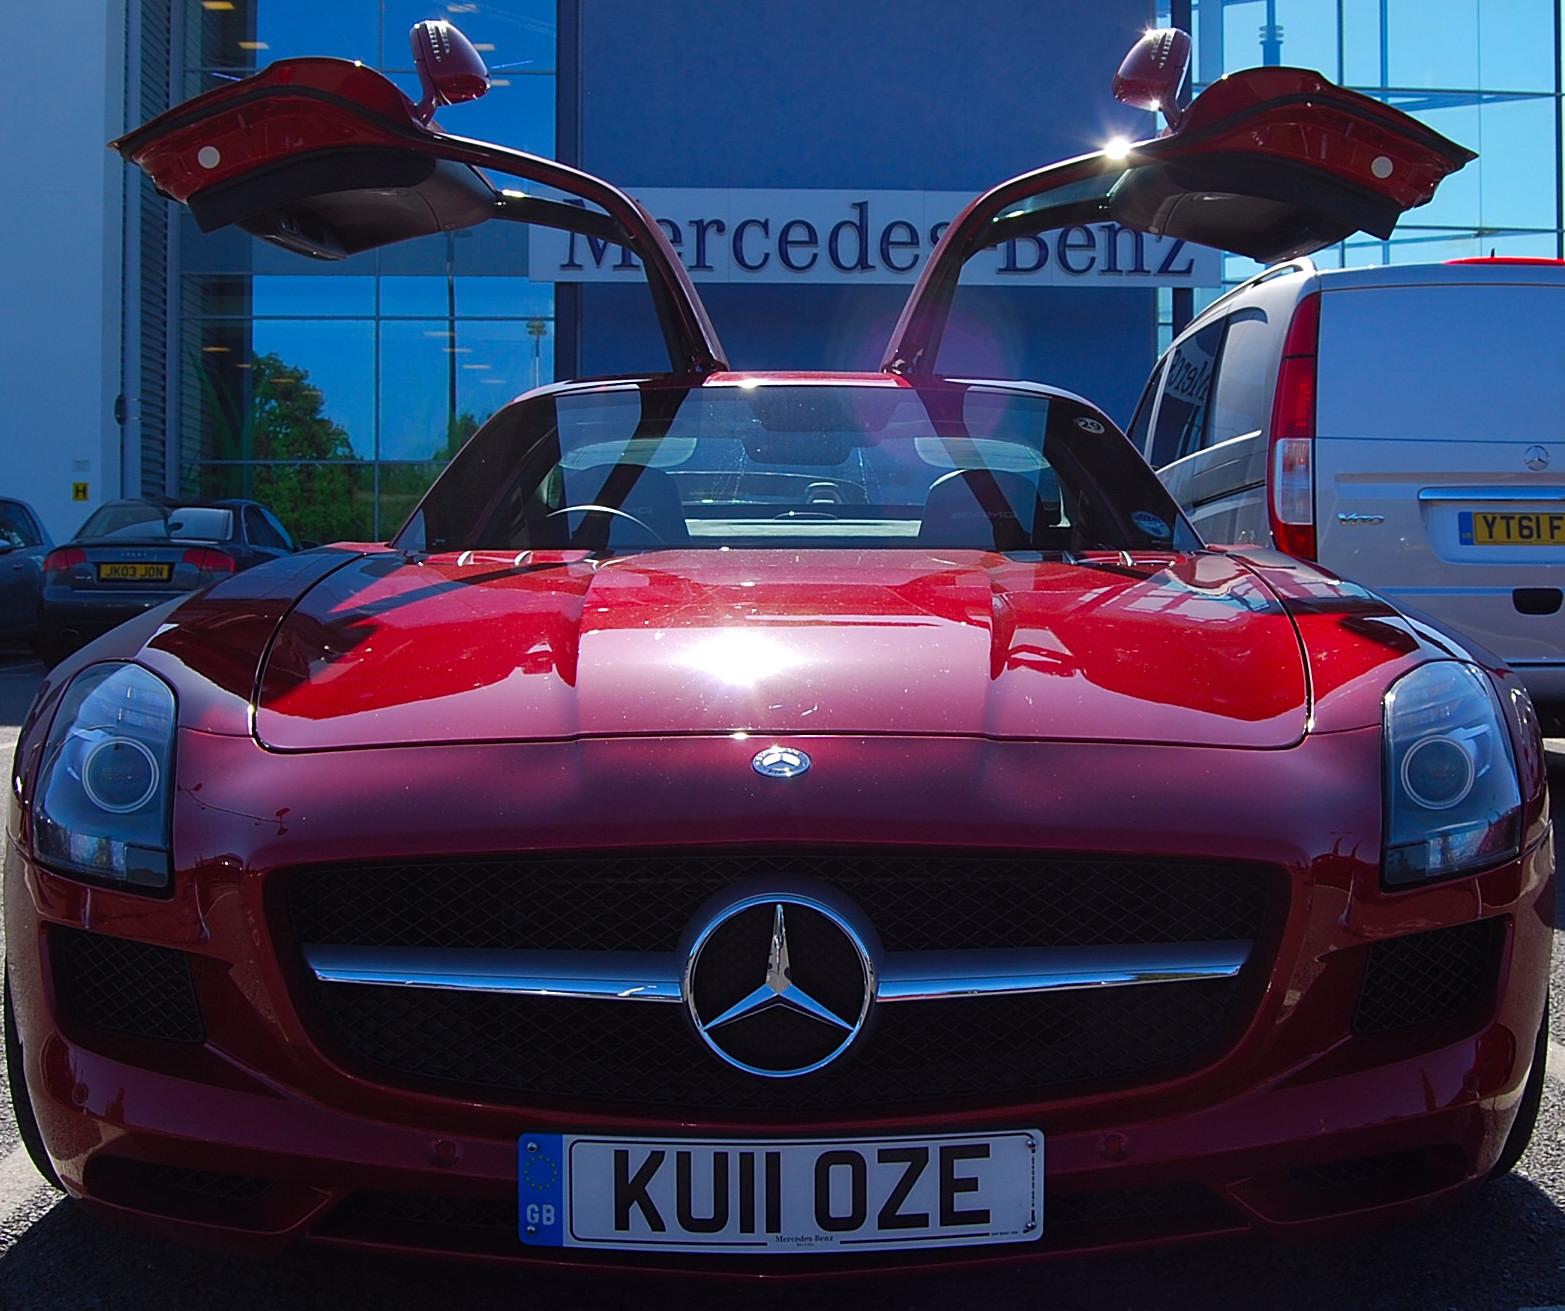 Mercedes Sls Amg: Mercedes SLS AMG Vs Mercedes SL 63 AMG. Both Driven